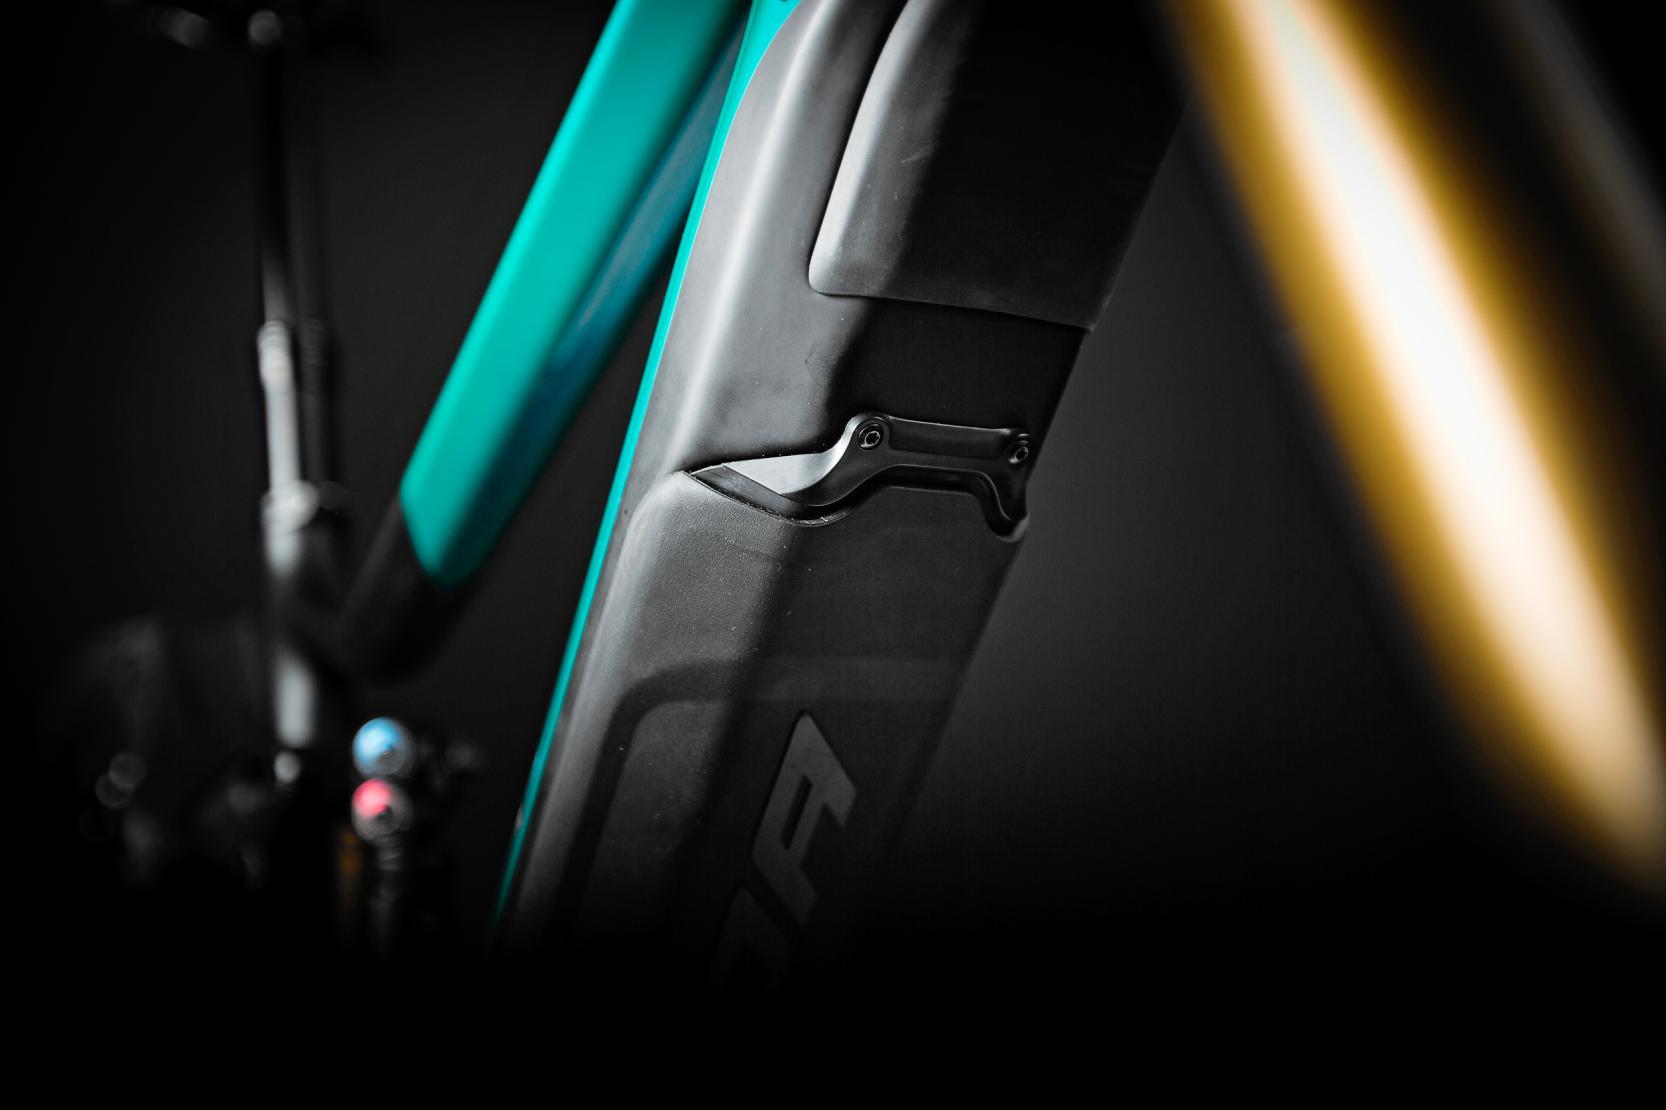 Shimano Steps BT-E8035 Batterie: Der neu vorgestellte Intube-Akku besticht mit kompakten Abmessungen und lässt sich formschön, klapperfrei und sicher in das Unterrohr integrieren.